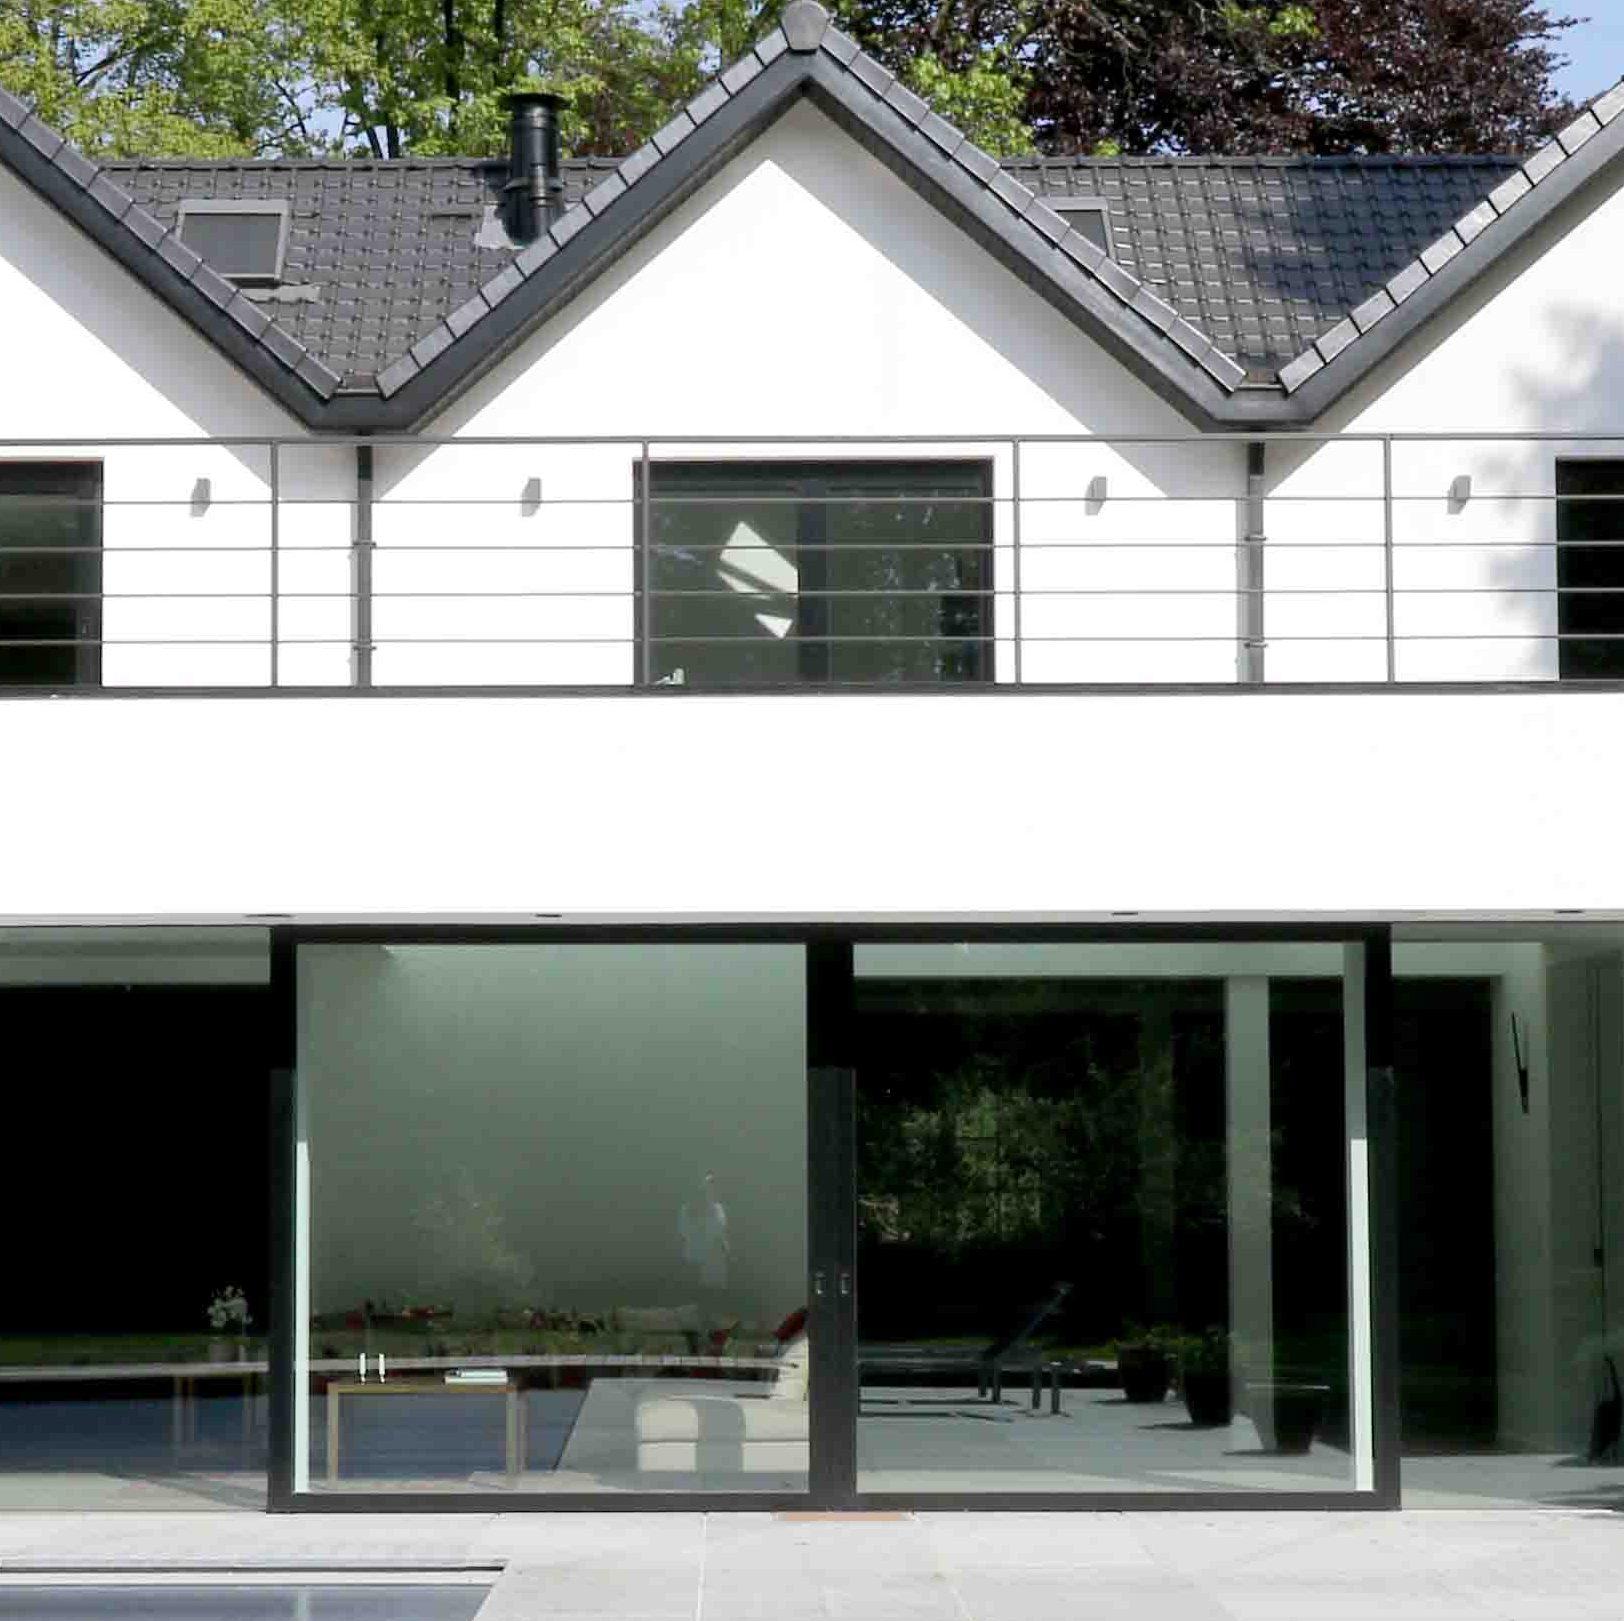 Architecte Uccle Rénovation Annexe Construction Permis d'urbanisme Ixelles Bruxelles Linkebeek Rhode saint genèse Architecture contemporain moderne